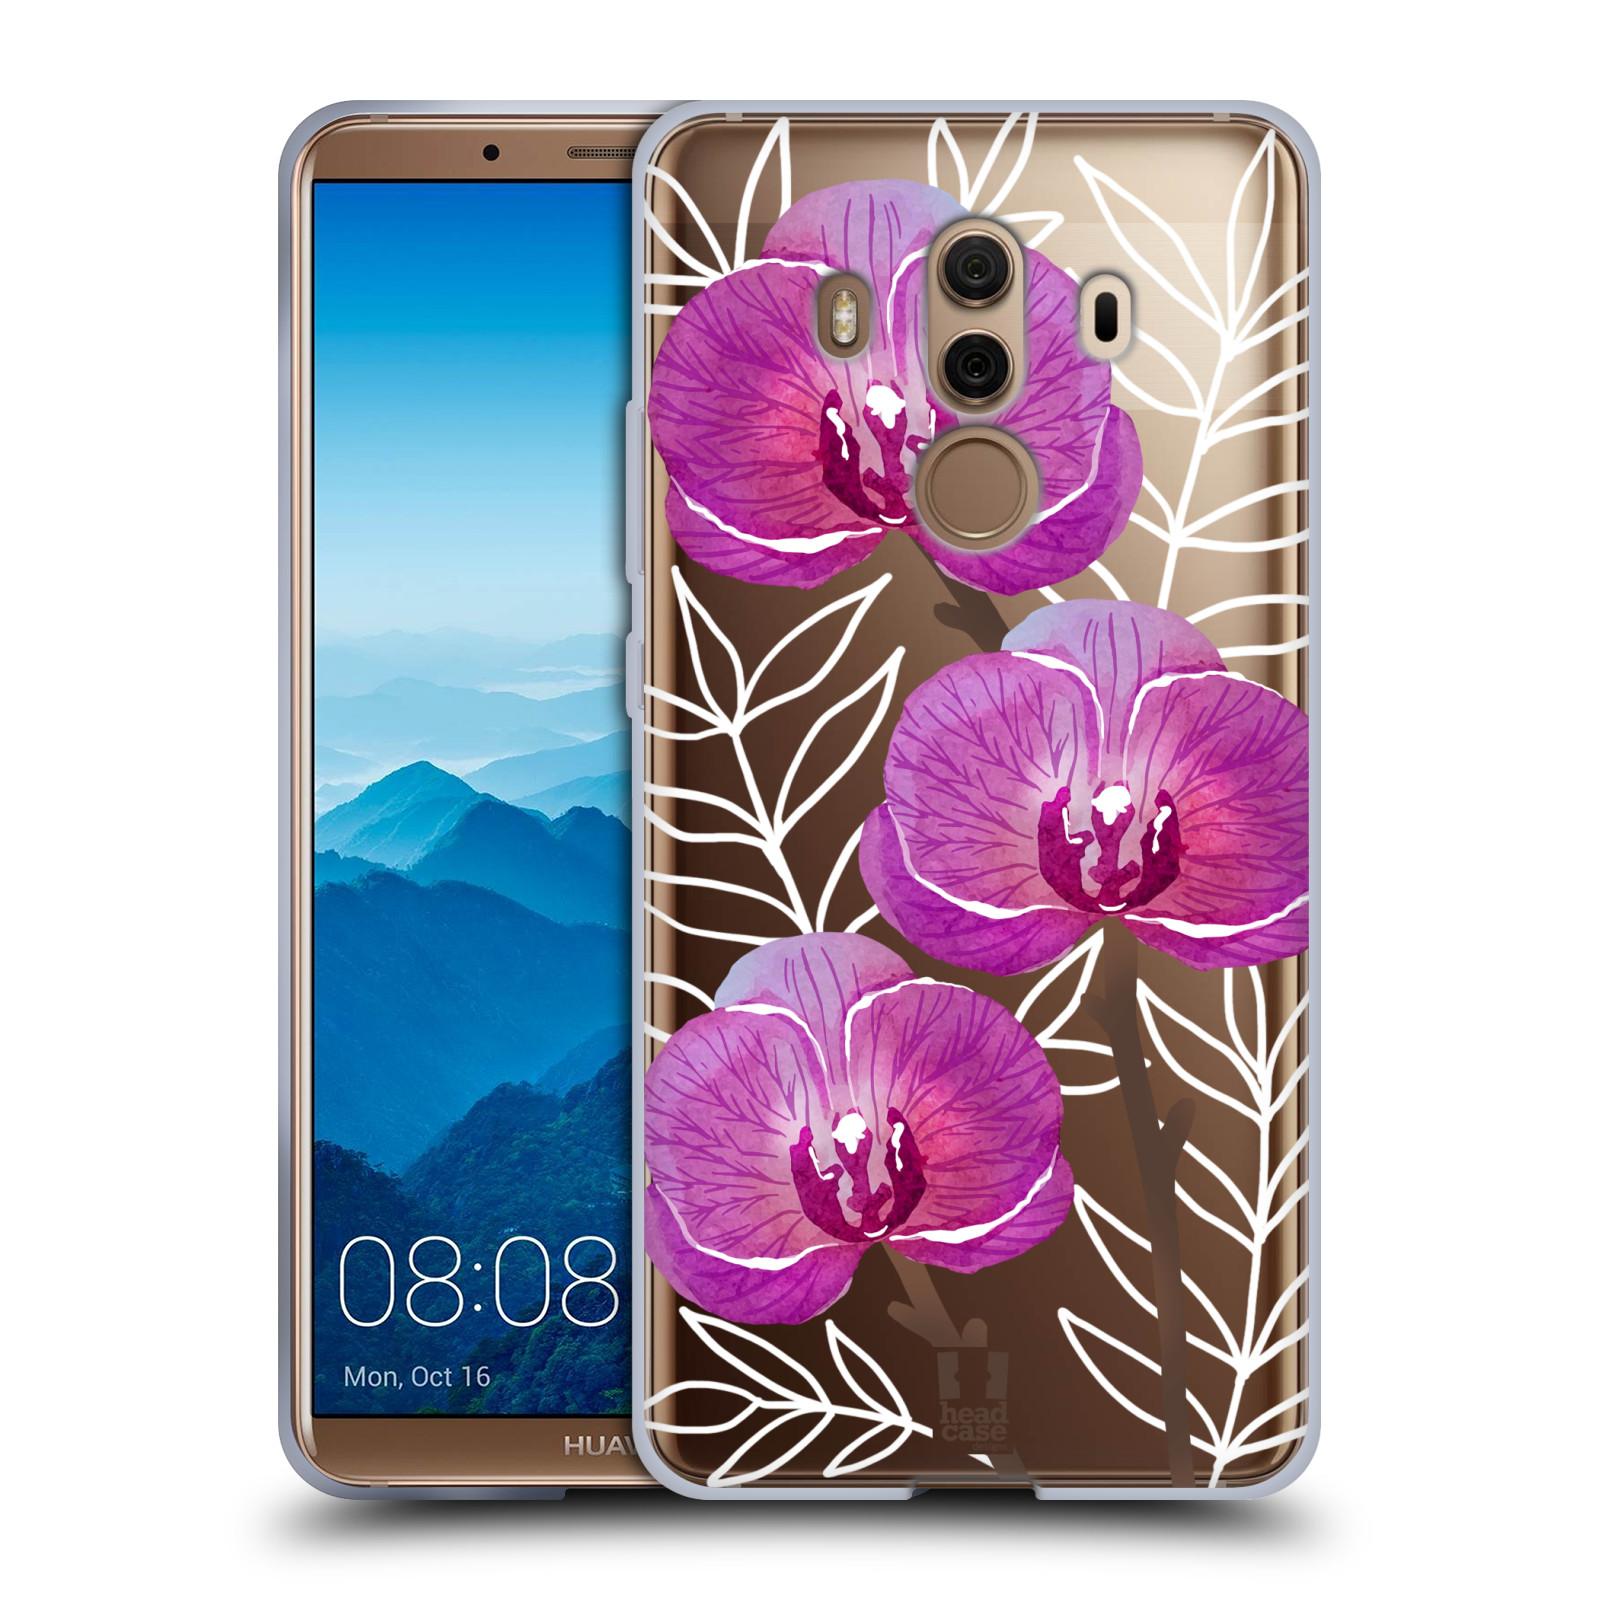 Silikonové pouzdro na mobil Huawei Mate 10 Pro - Head Case - Hezoučké kvítky - průhledné